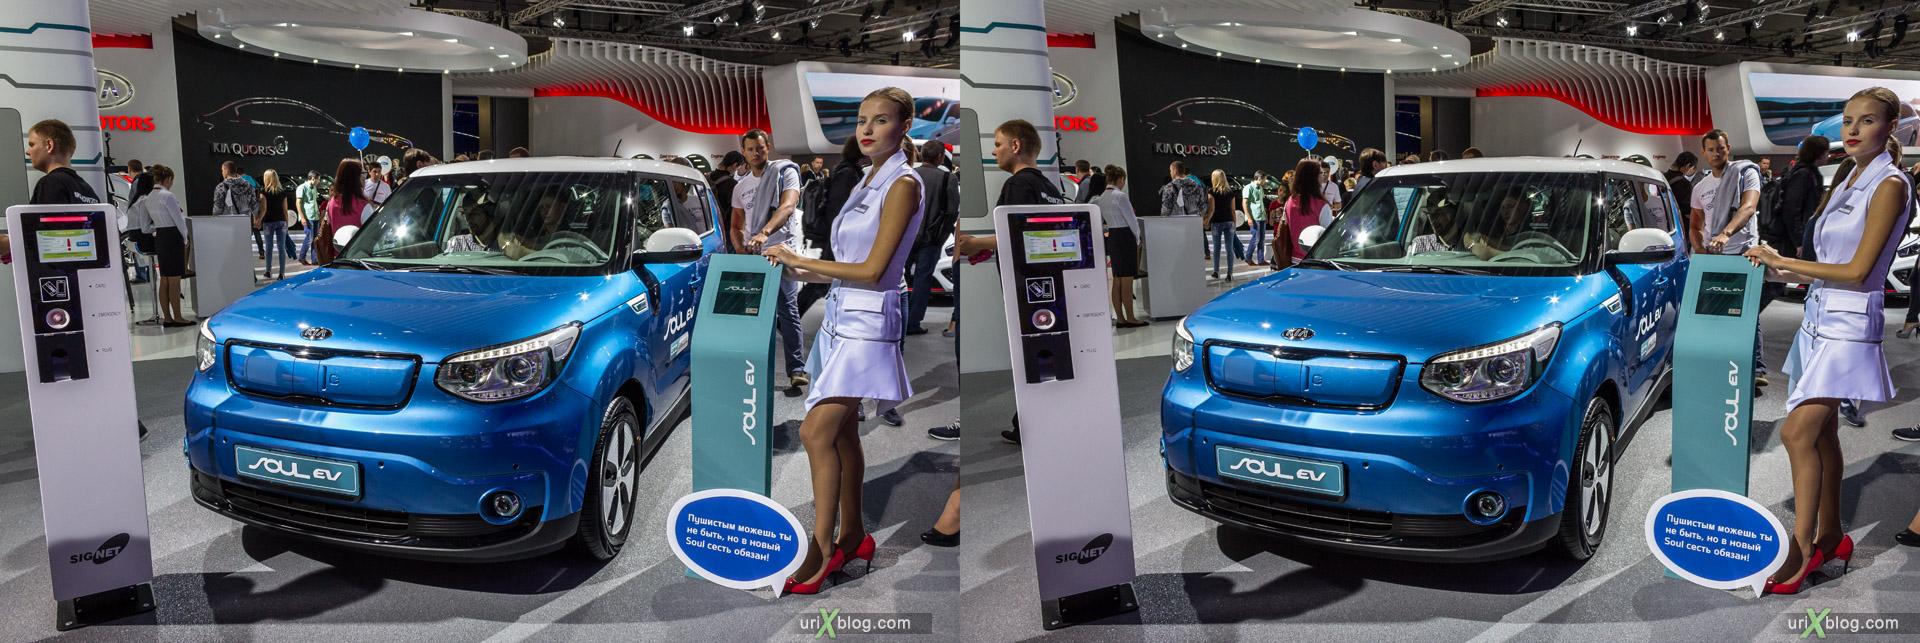 2014, Soul EV, Московский Международный Автомобильный салон, ММАС, Москва, Россия, Крокус Экспо, 3D, перекрёстная стереопара, стерео, стереопара